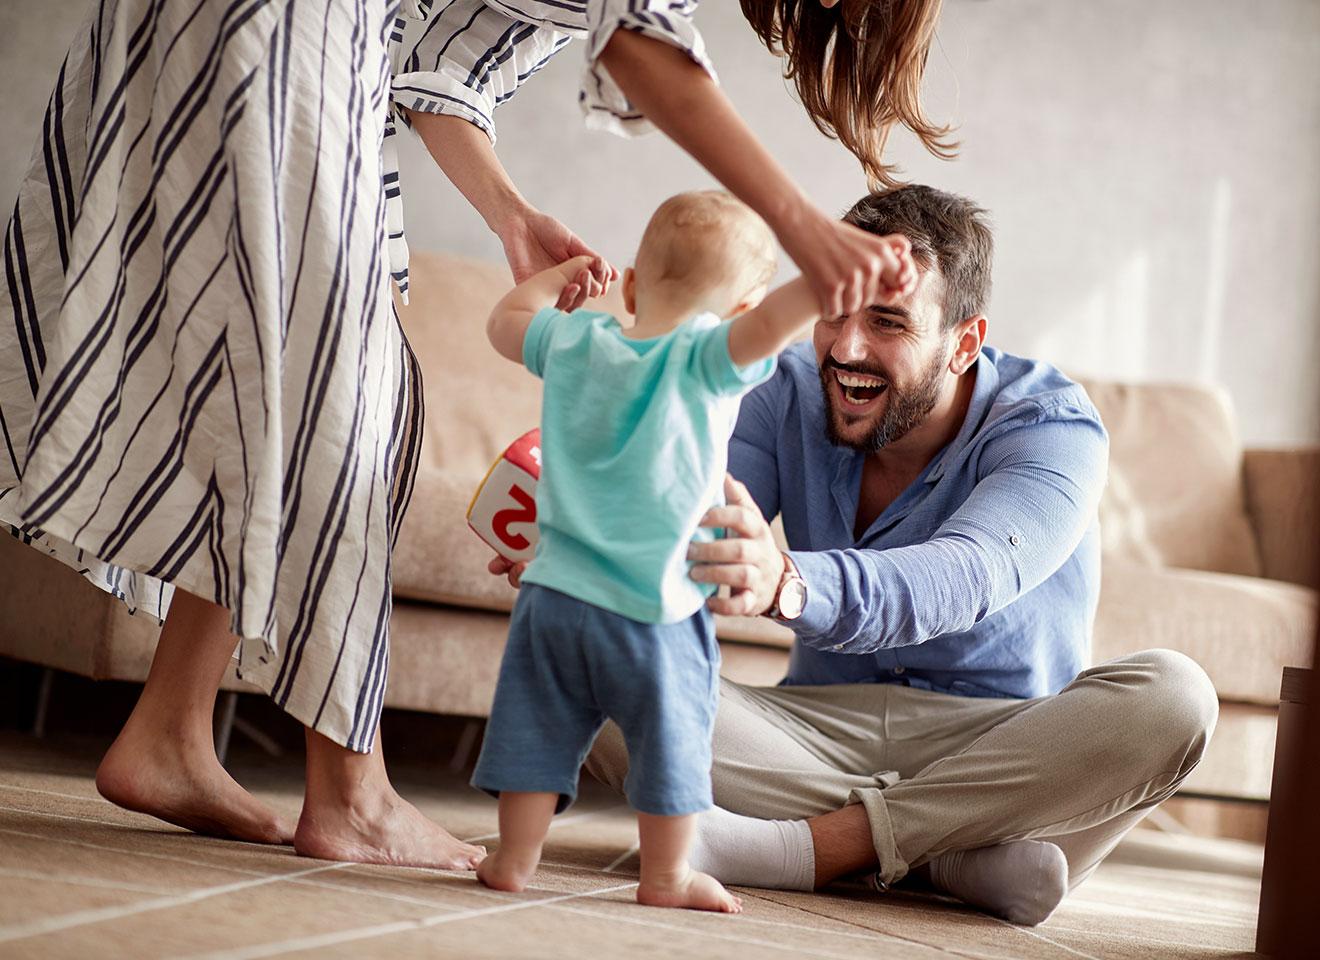 [Giải đáp] Trẻ mấy tháng biết đi? Làm sao để hỗ trợ bé tập đi?